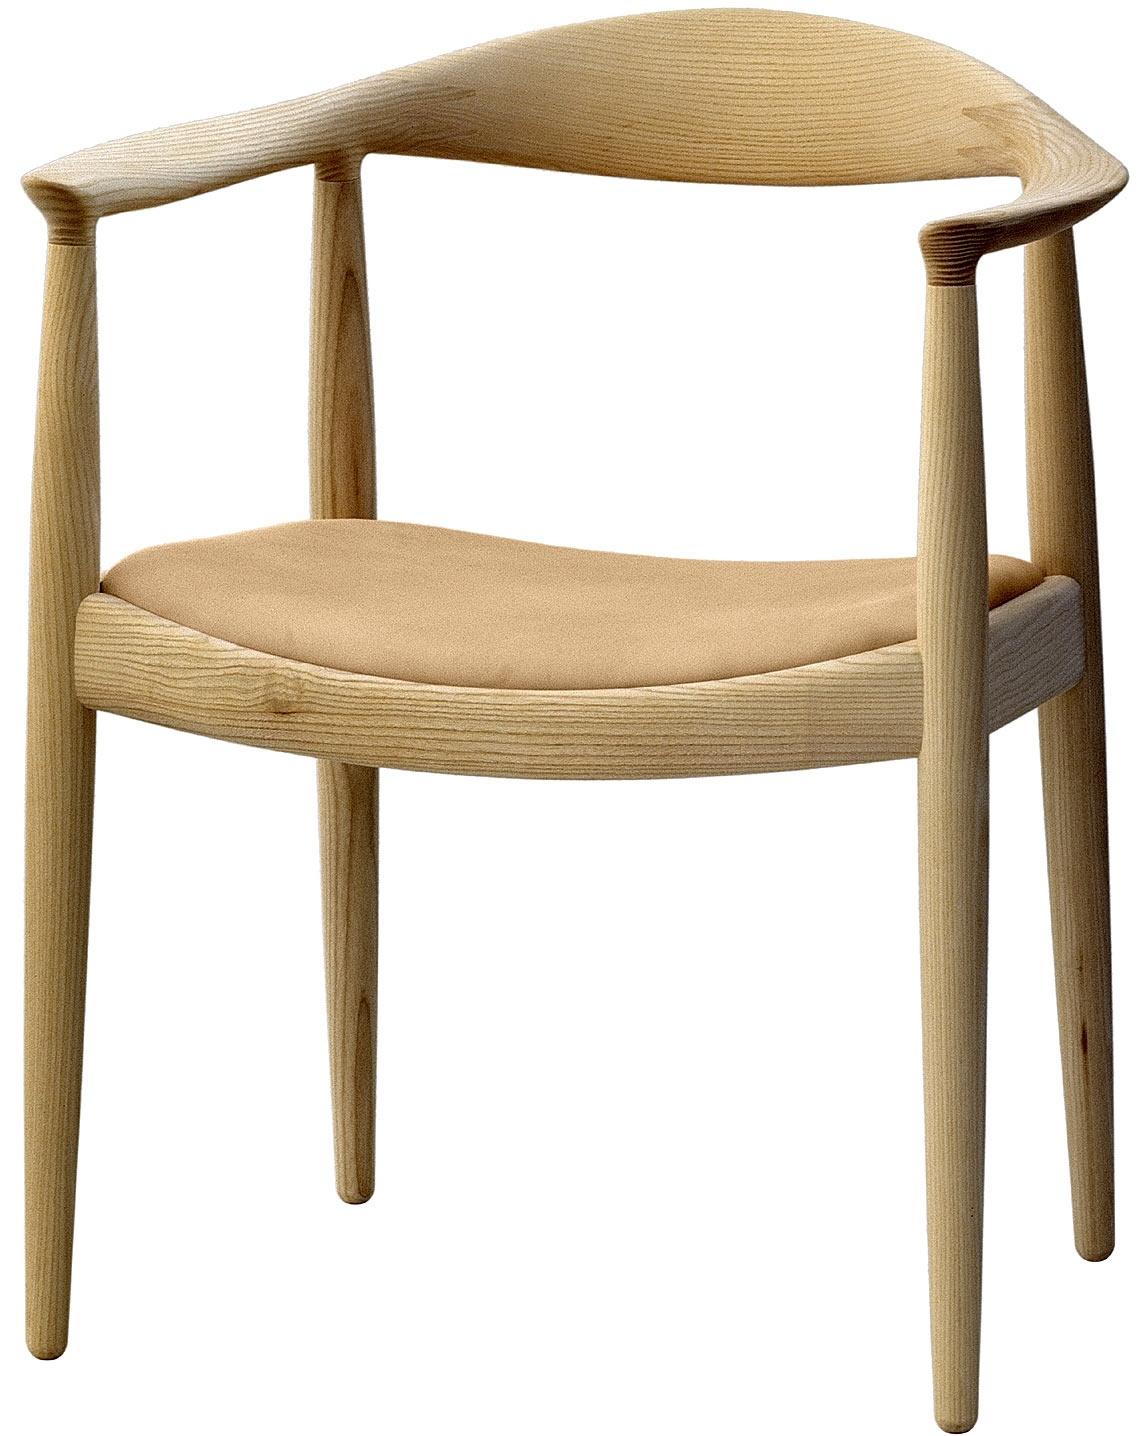 PP503 The Chair Stuhl PP Møbler